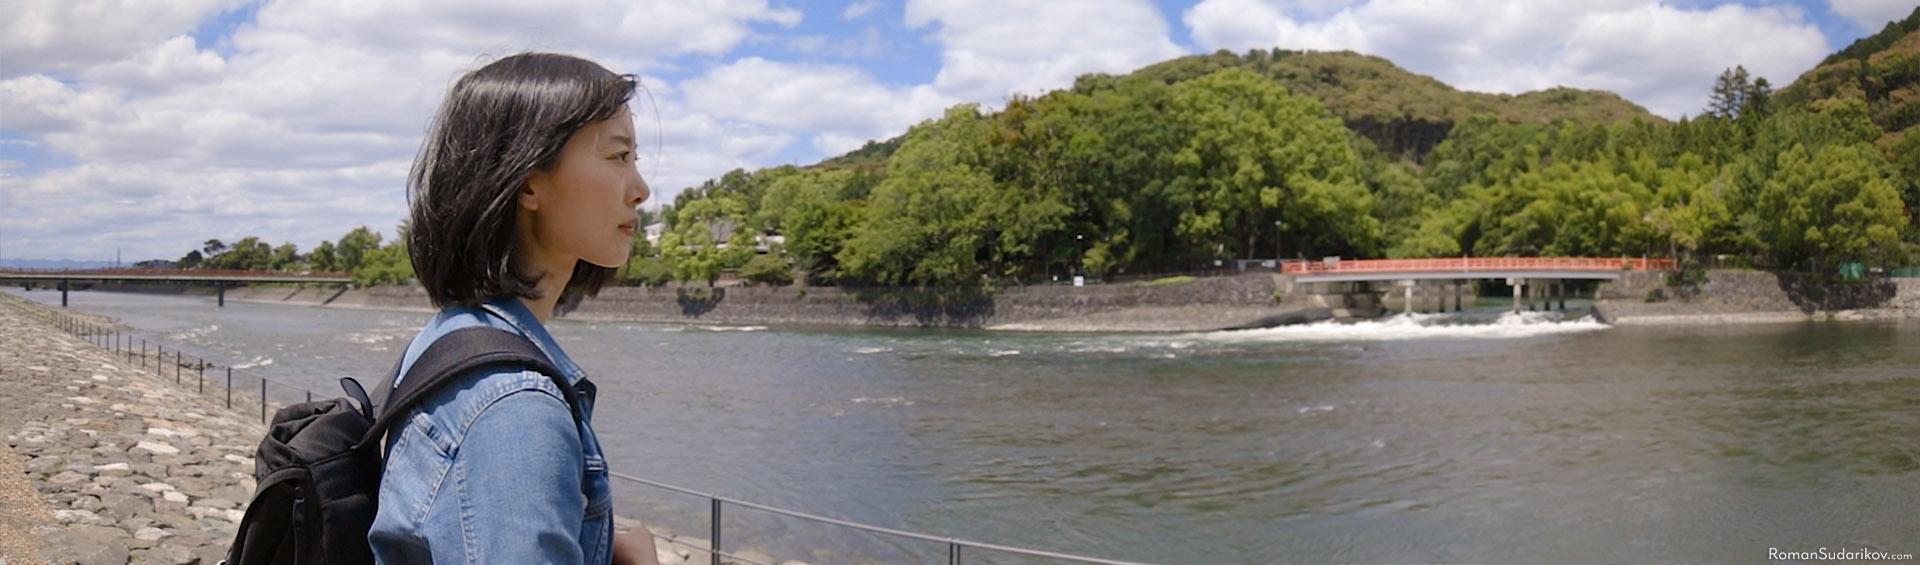 Kan is walking along Uji river